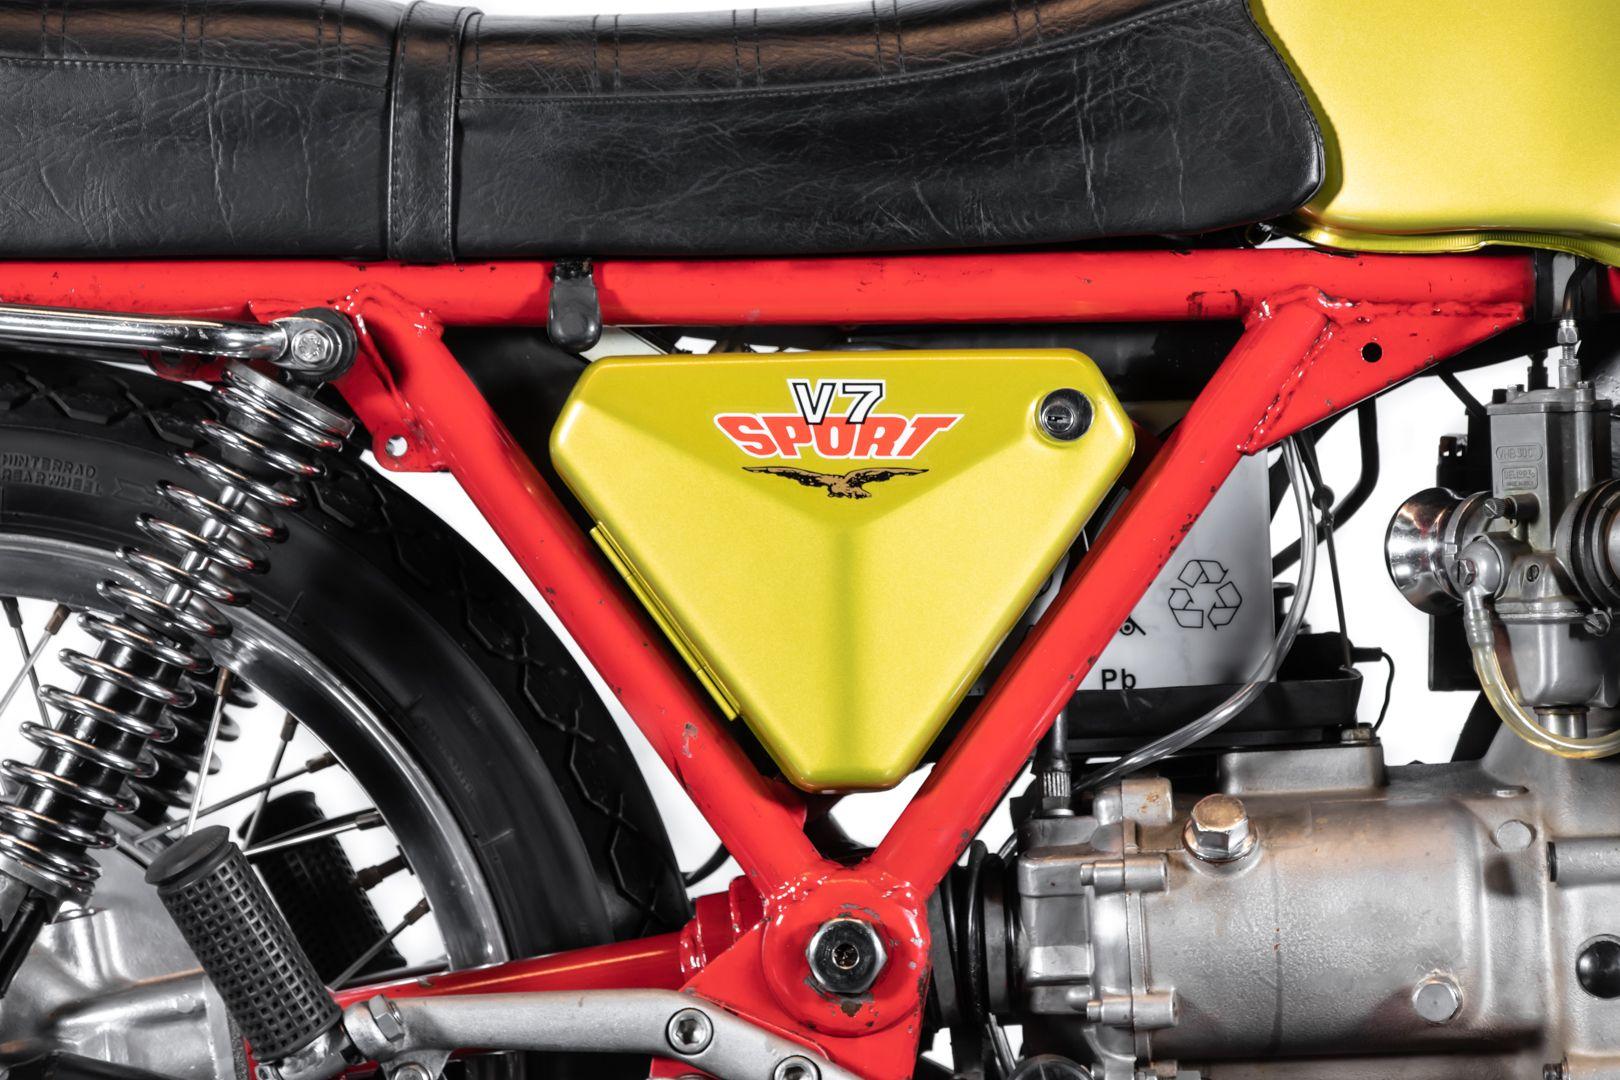 1972 Moto Guzzi V7 Sport Telaio Rosso 76504